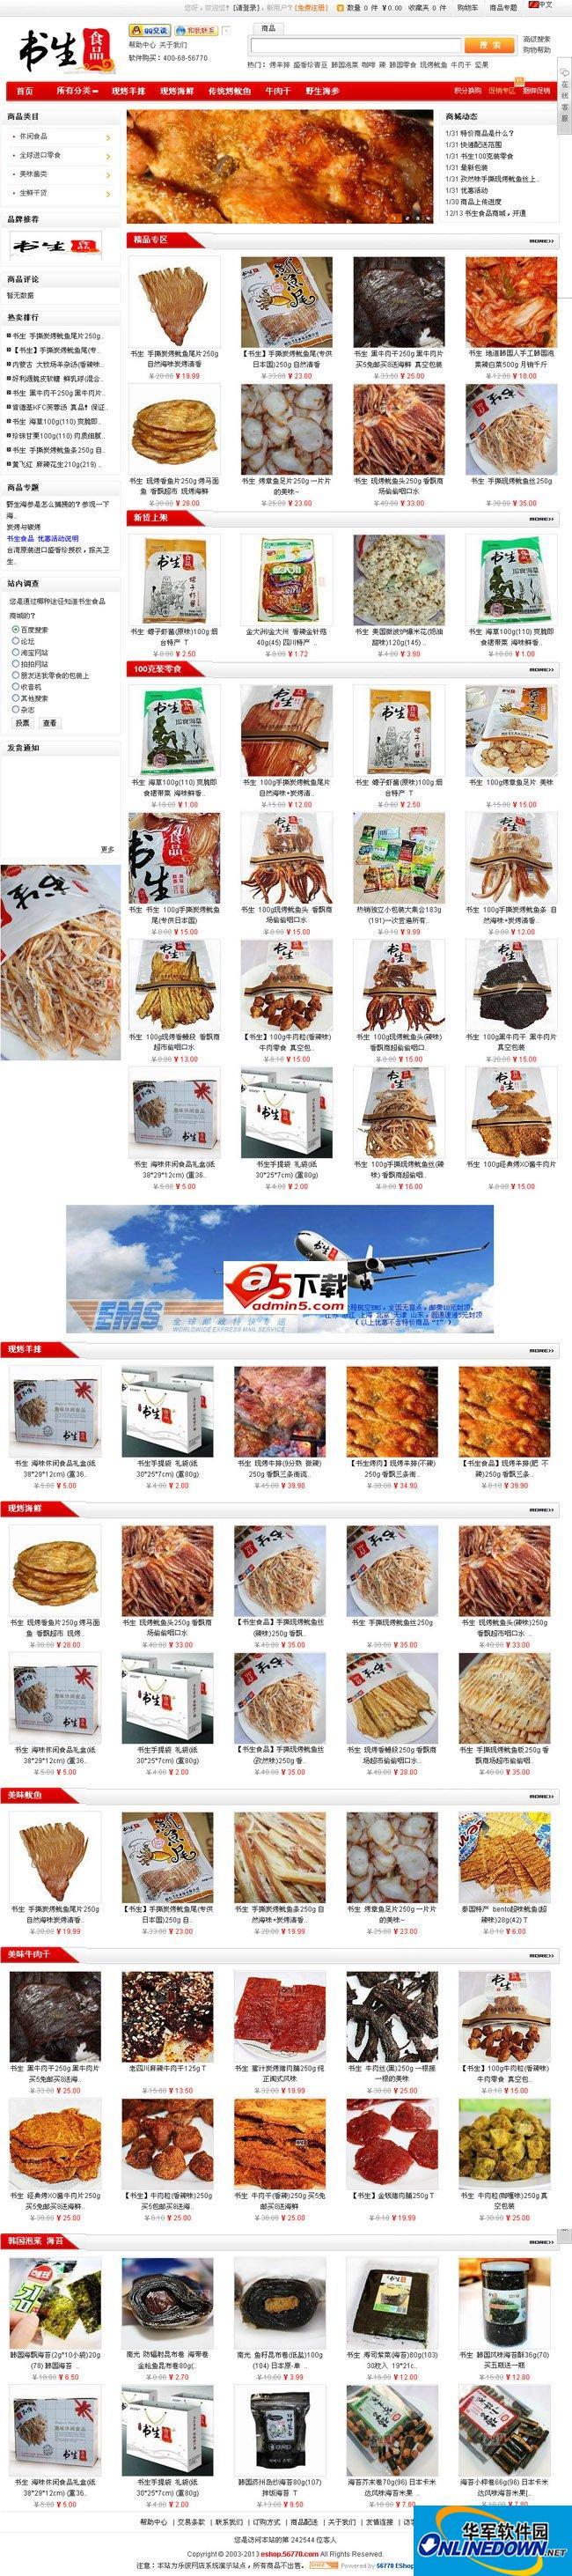 乐彼多语言网店系统(56770 Eshop) 14.1.0 简体中文版